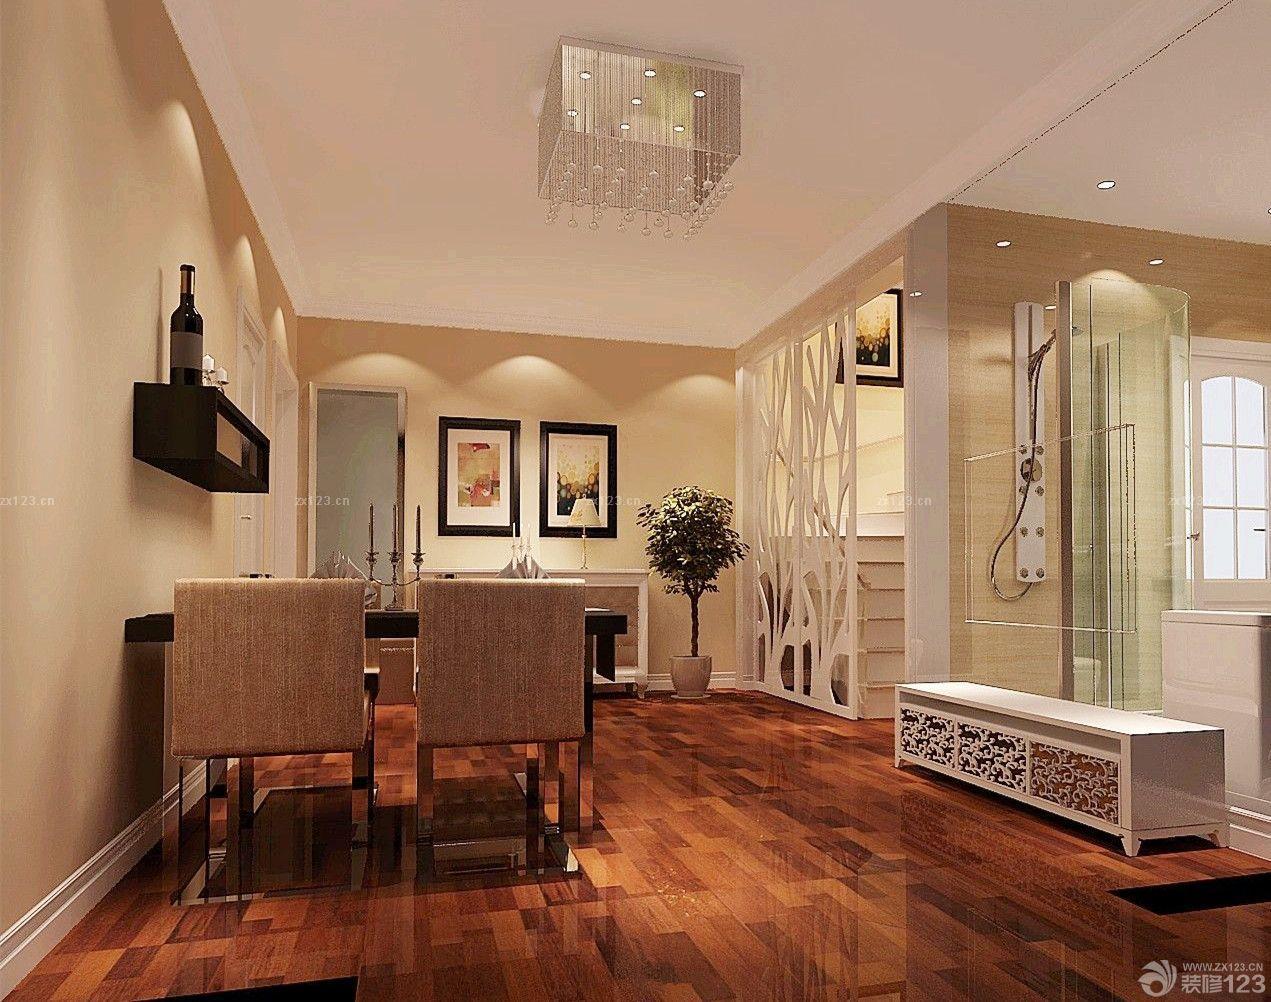 80平小复式浅棕色木地板装修效果图图片